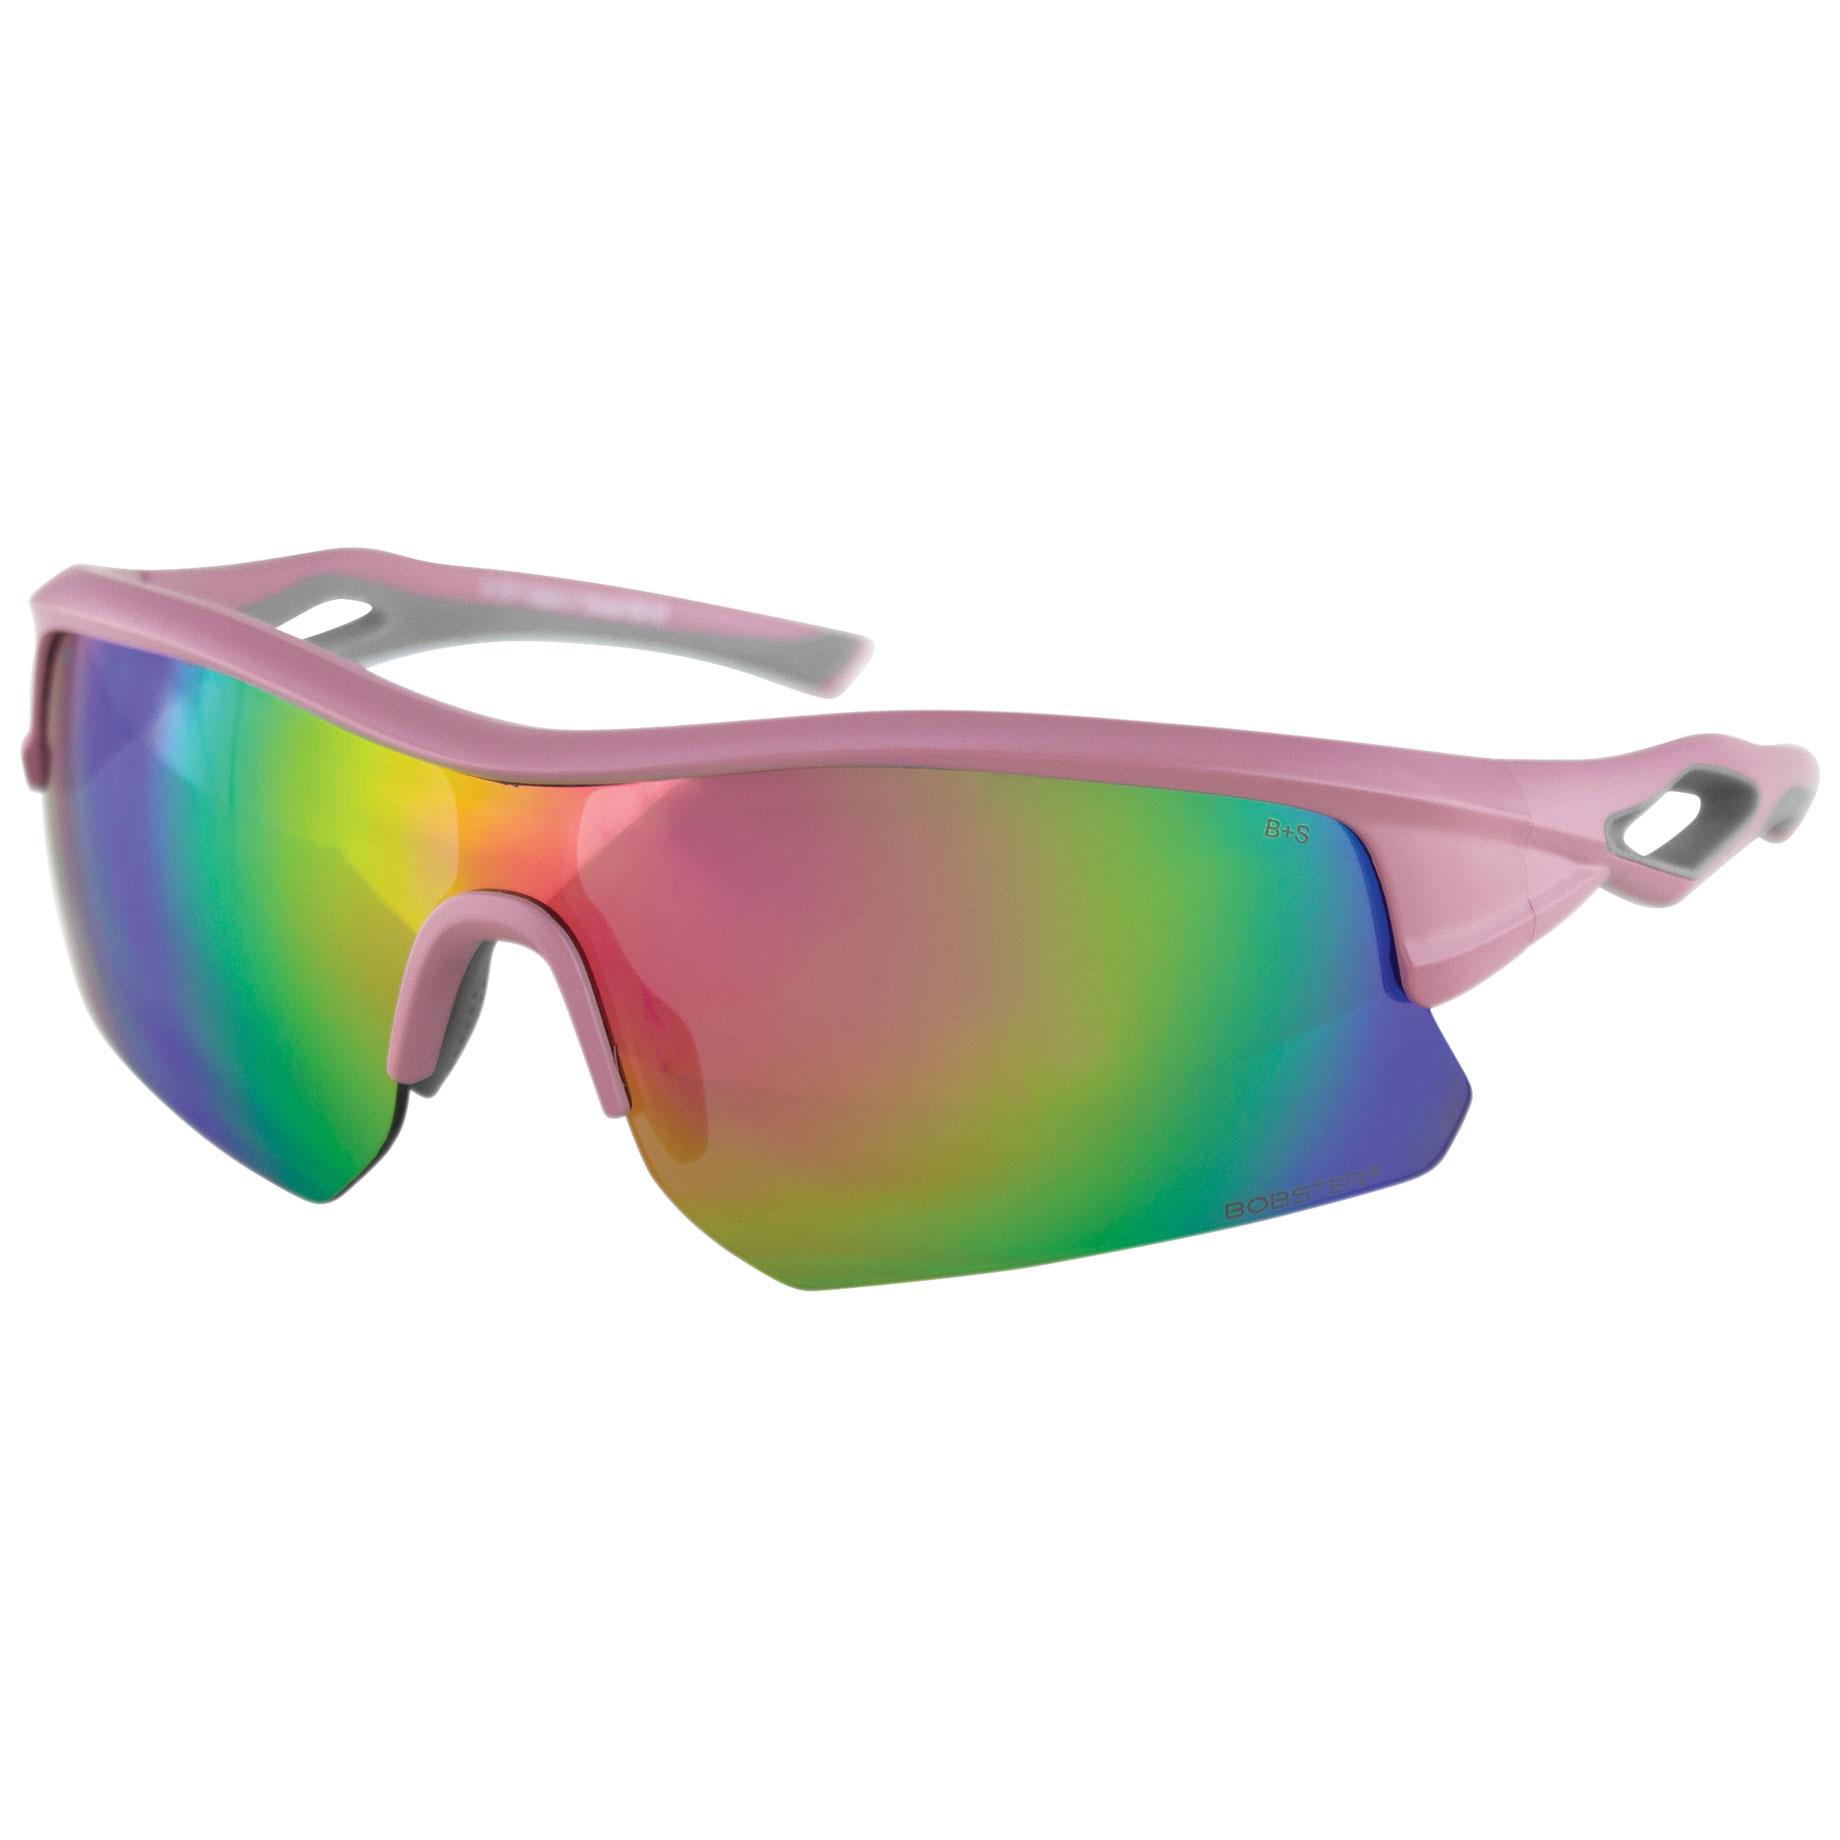 Bobster Dash Matte Pink Sunglasses